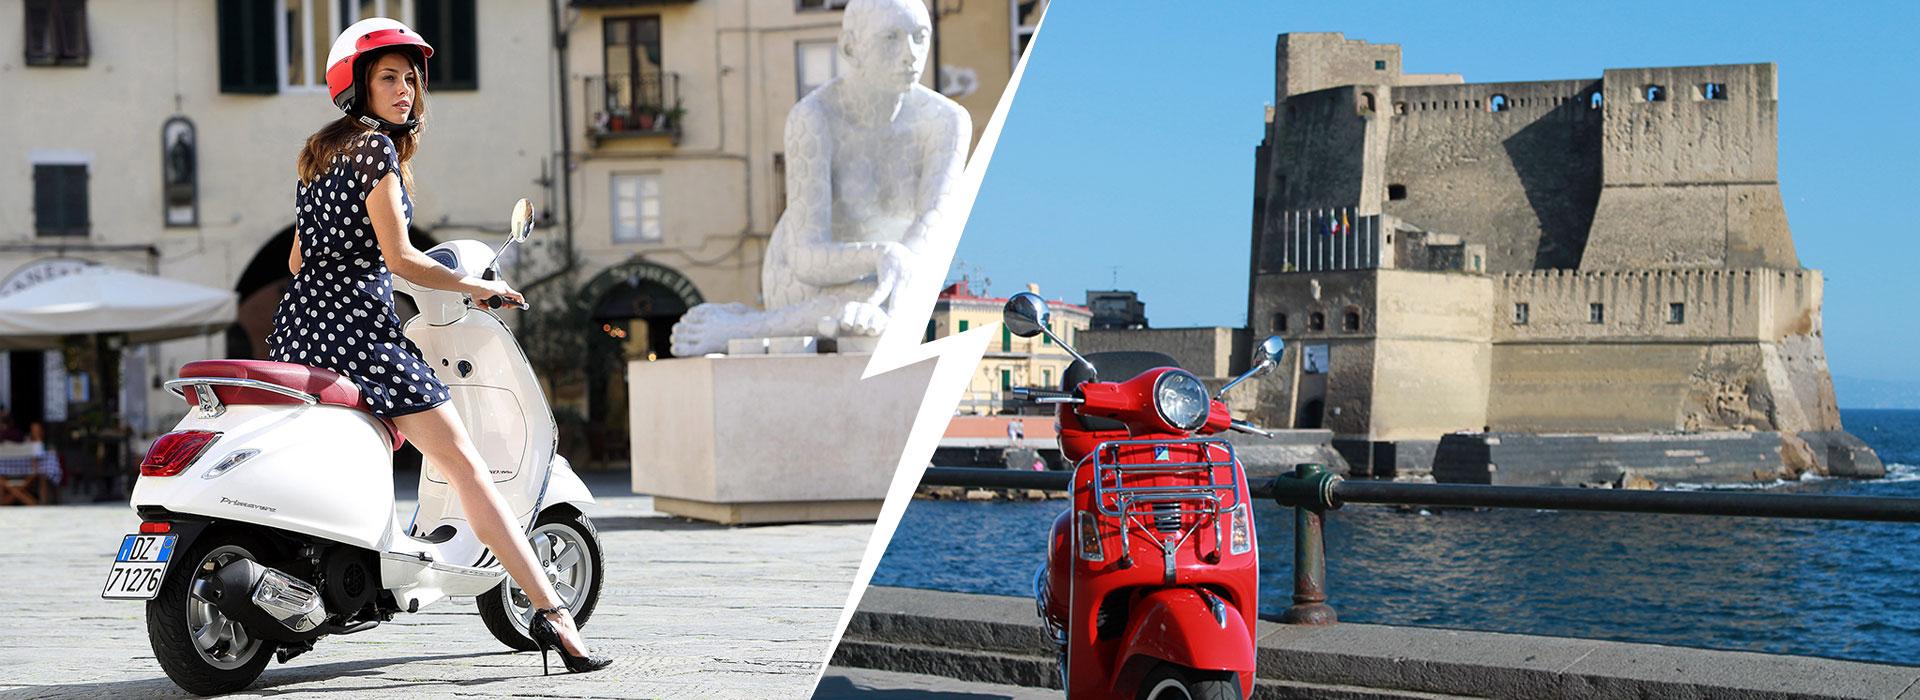 Noleggio Vespa Napoli